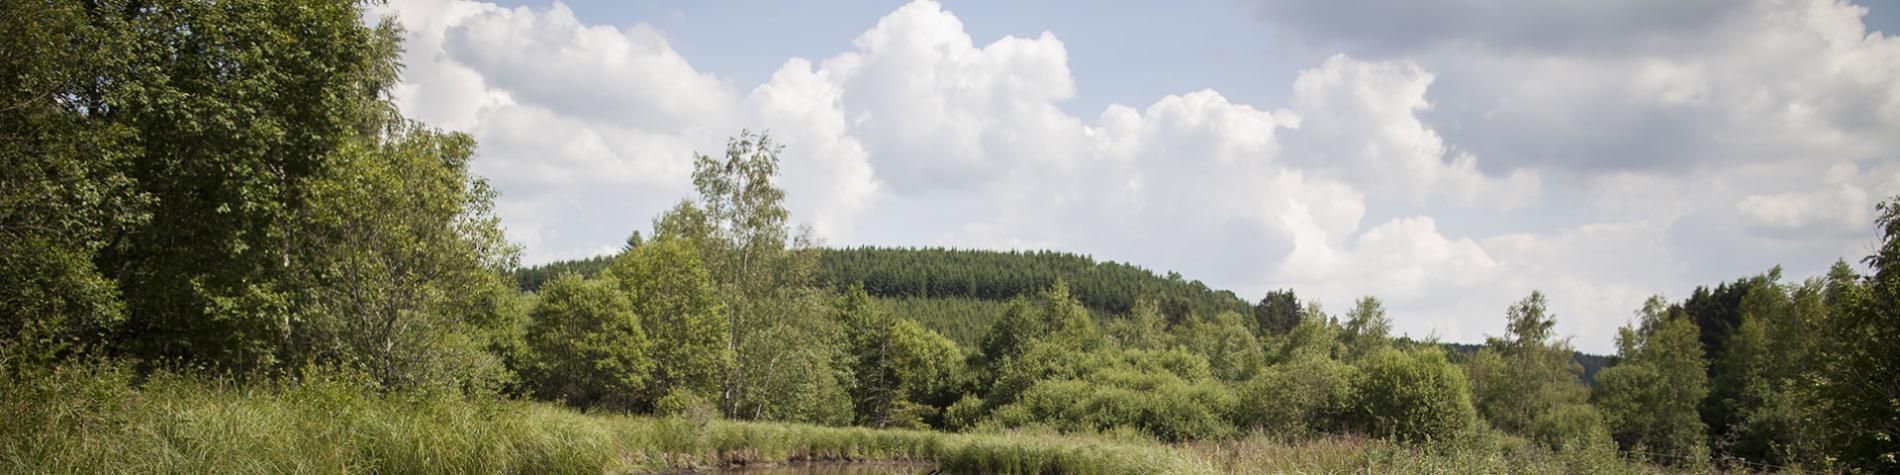 Parc Naturel - Haute-Sûre - Forêt d'Anlier - Province de Luxembourg - promenade - Maison du Parc